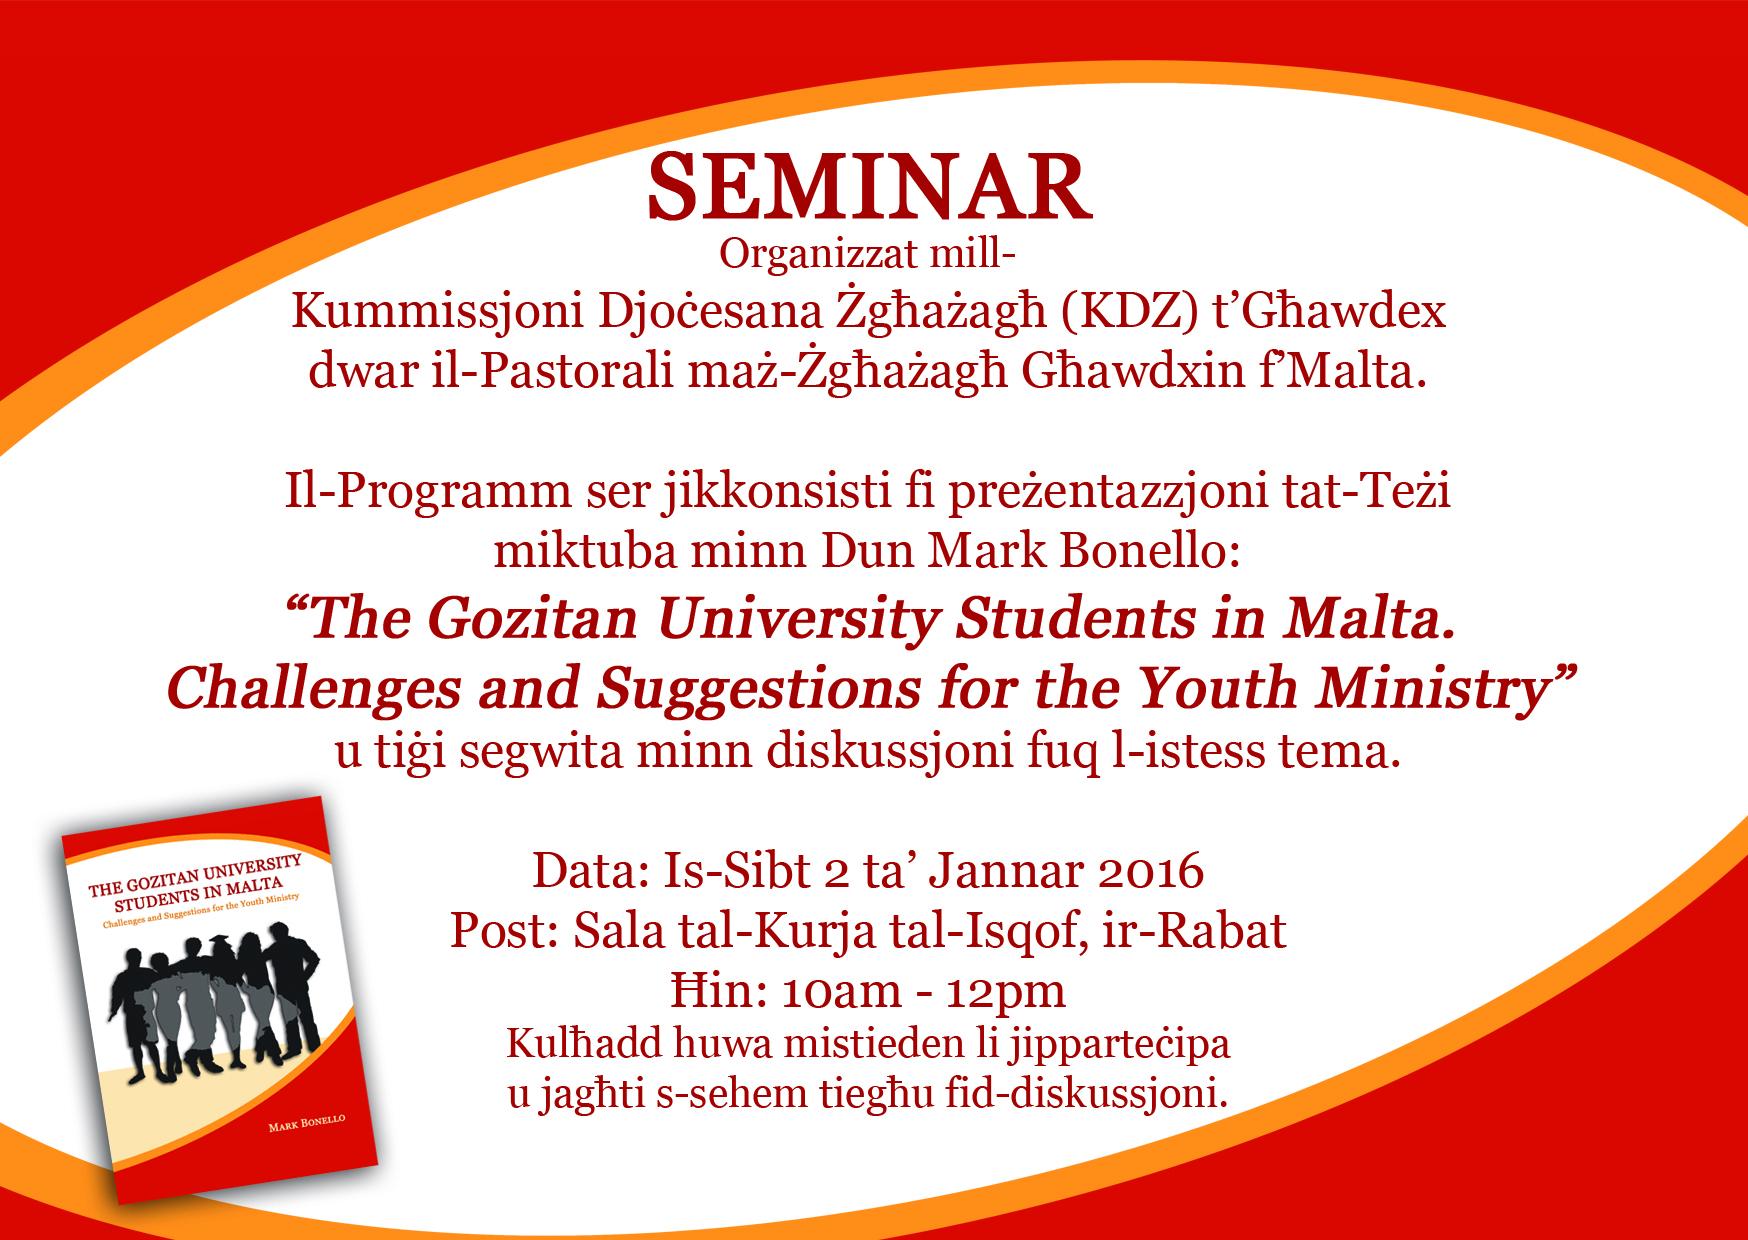 invit_seminar_kdz.jpg